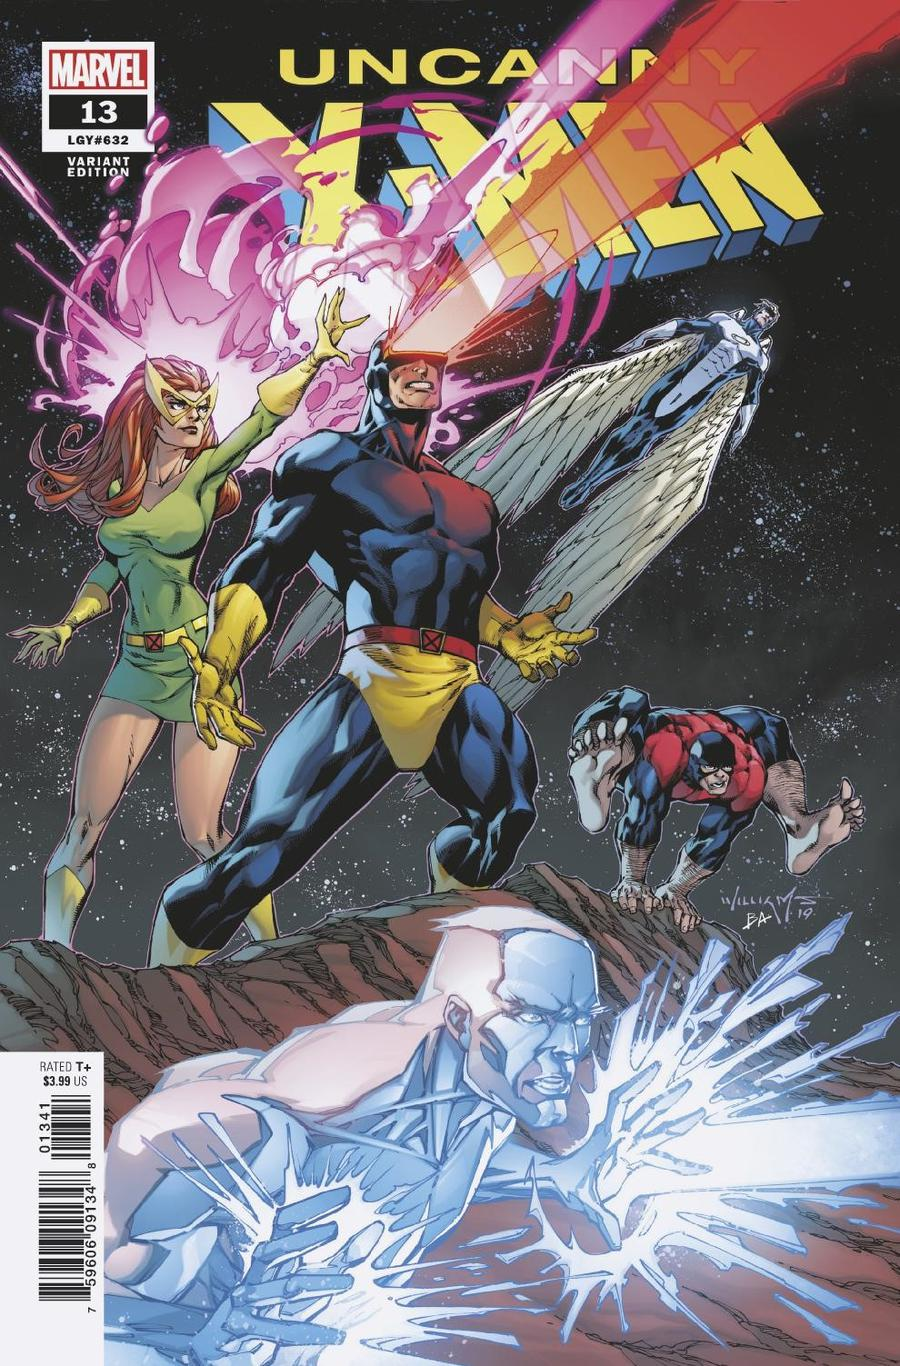 Uncanny X-Men Vol 5 #13 Cover D Incentive Scott Williams Variant Cover